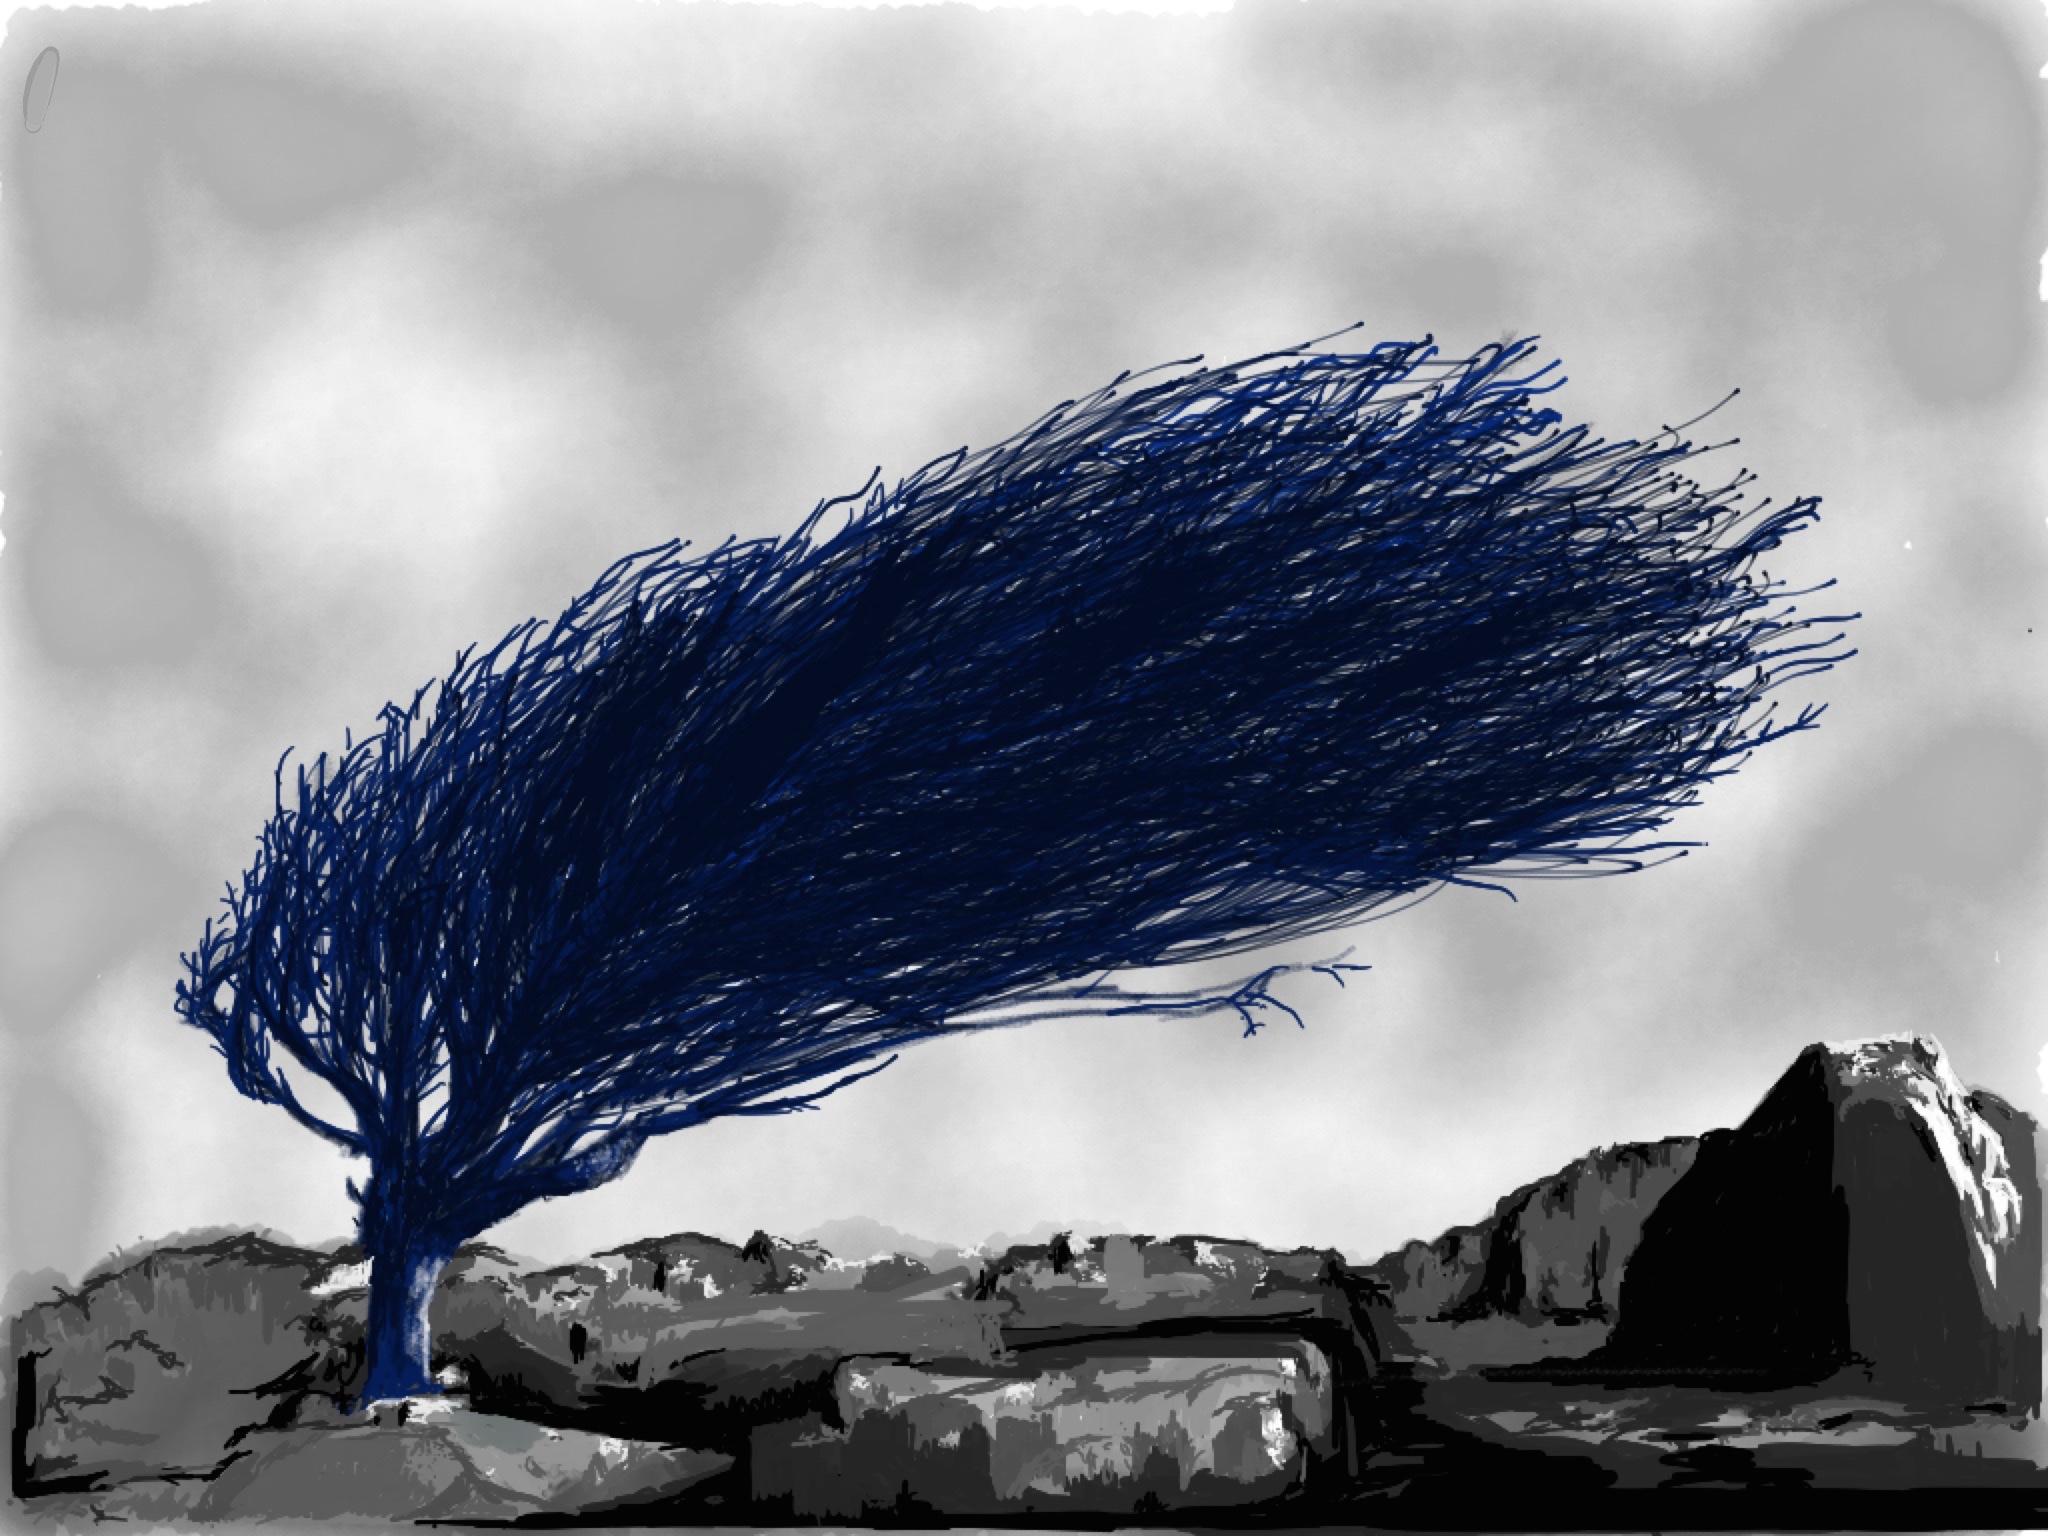 hawthorne illustration by rachel winner